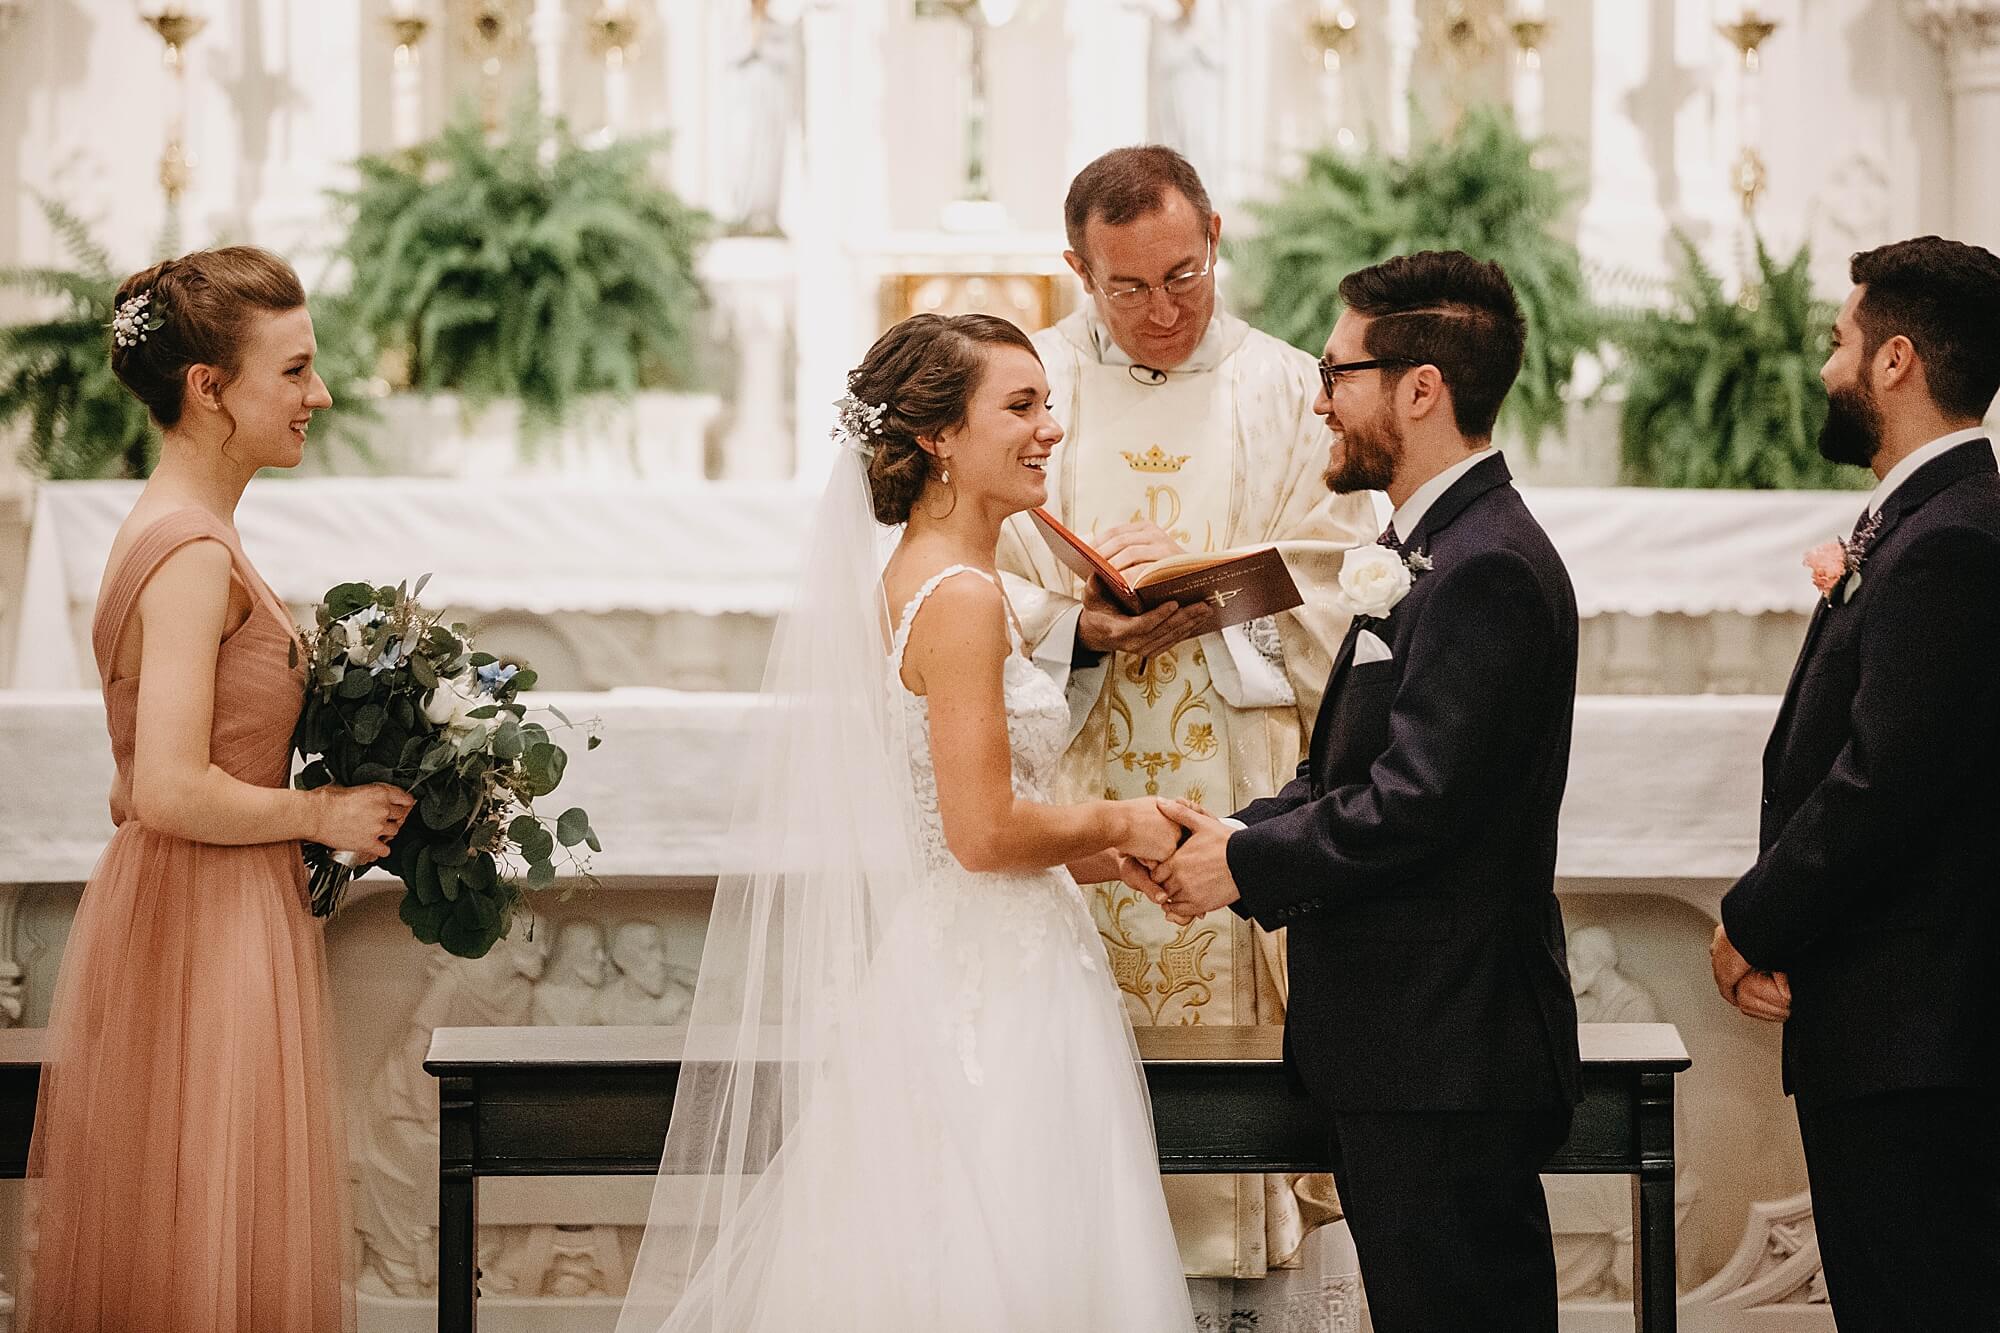 cerimonia de casamento na igreja